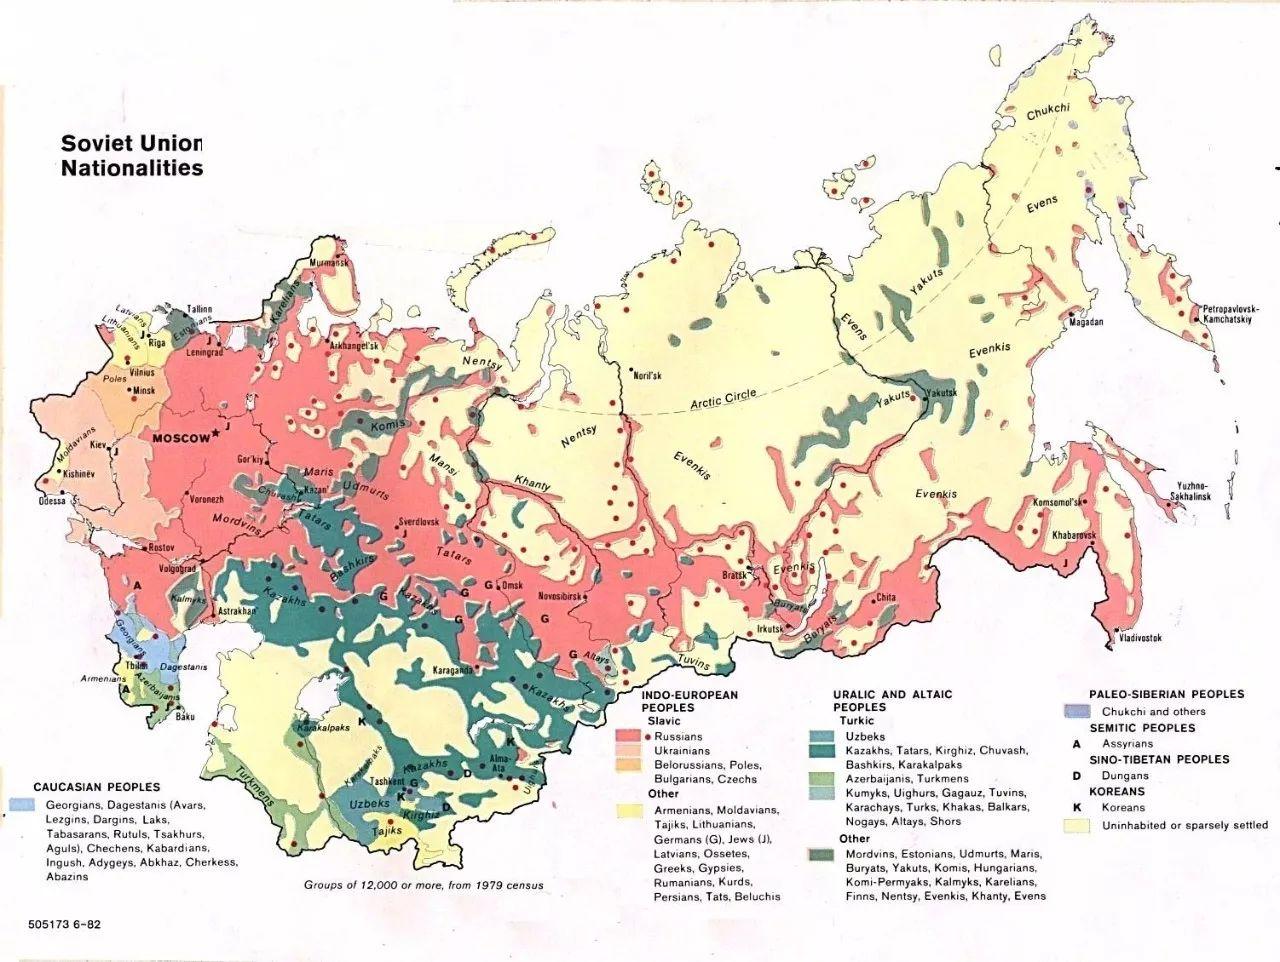 人口密度 经济_中国人口密度图